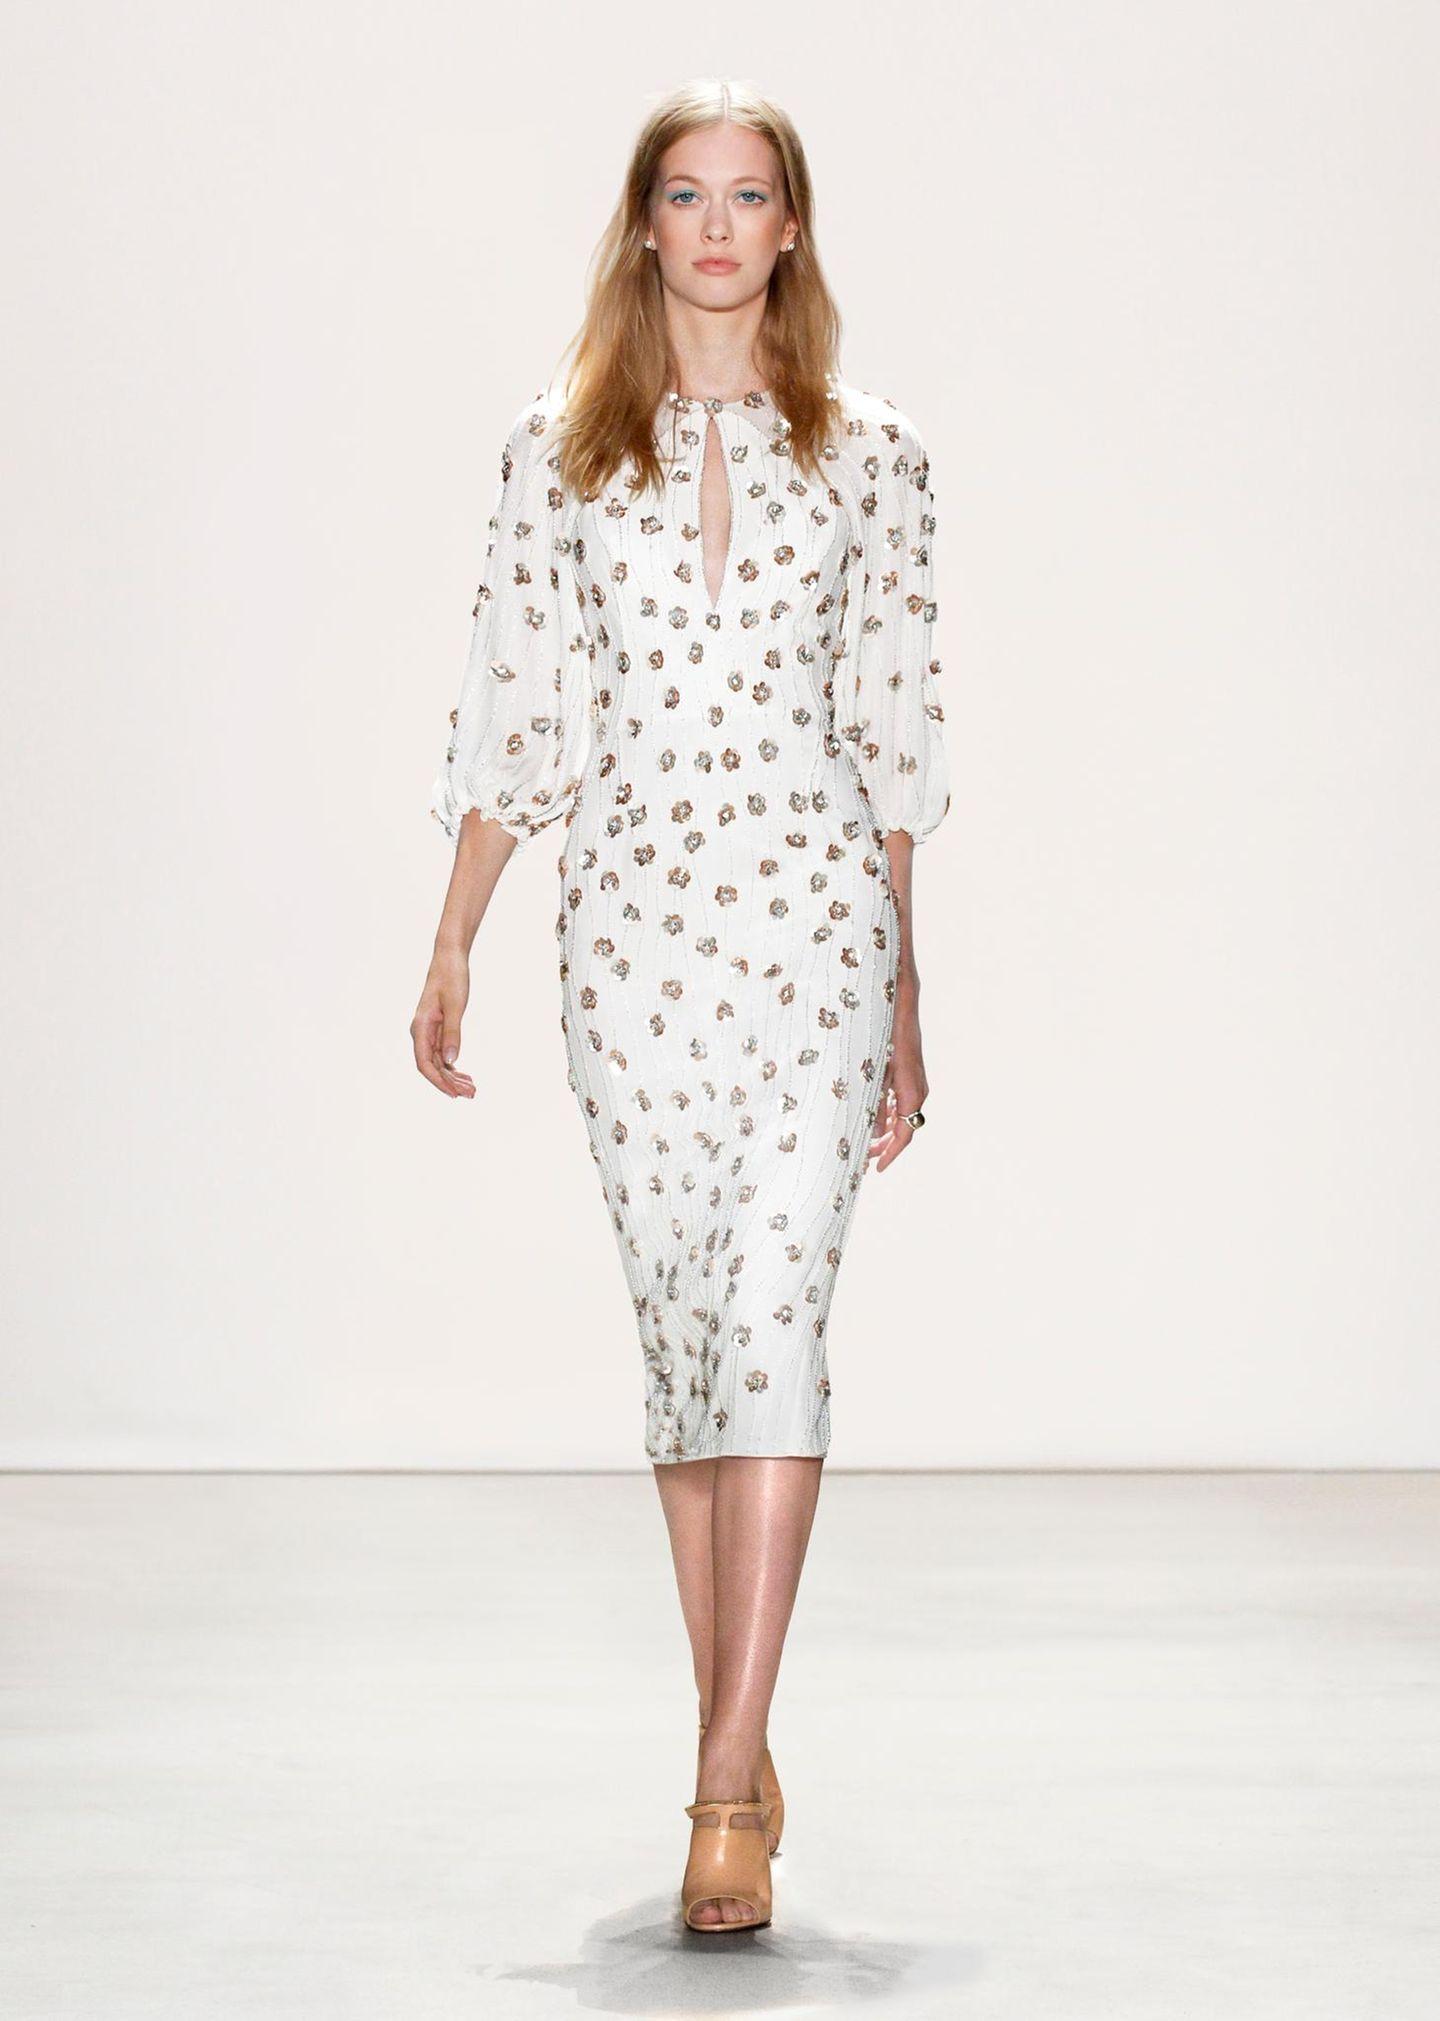 Jenny Packham F/S 2016: Ein weiterer Favorit für Catherine ist dieses weiße Kleid mit ballonartigen Ärmeln.